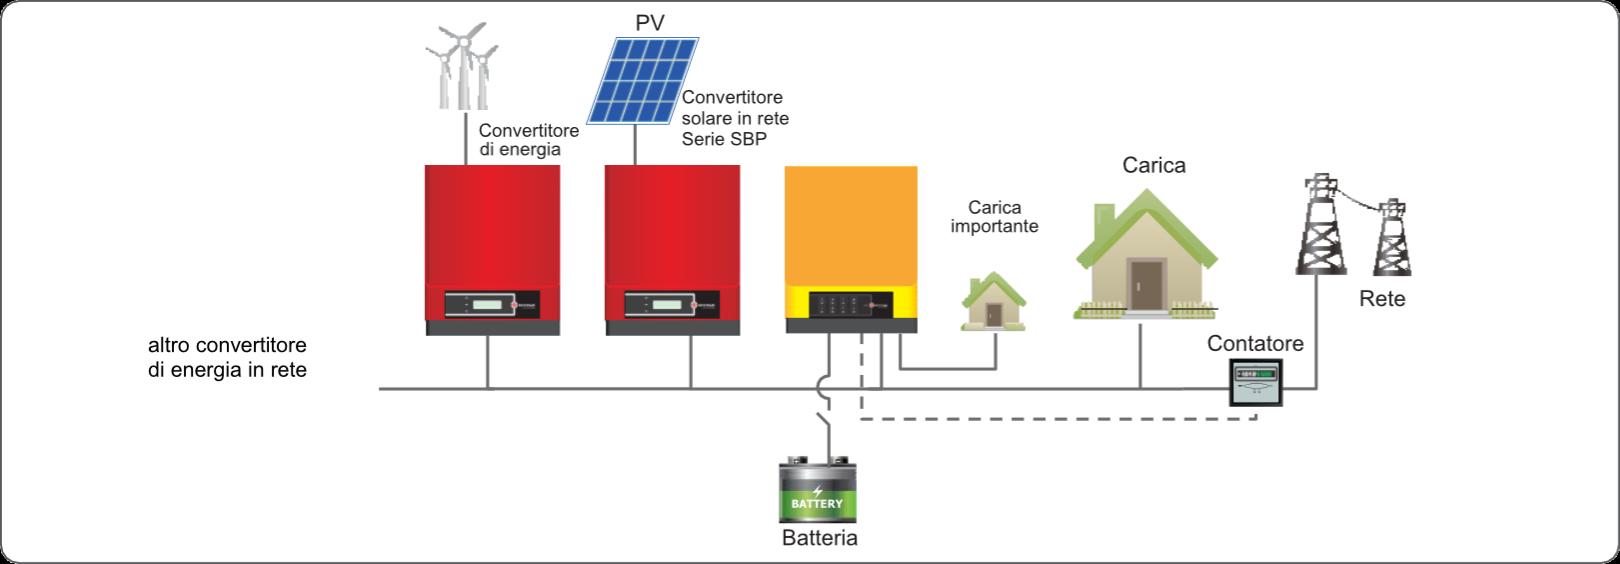 Impianti fotovoltaici Linea Retrofit - Schema base di funzionamento